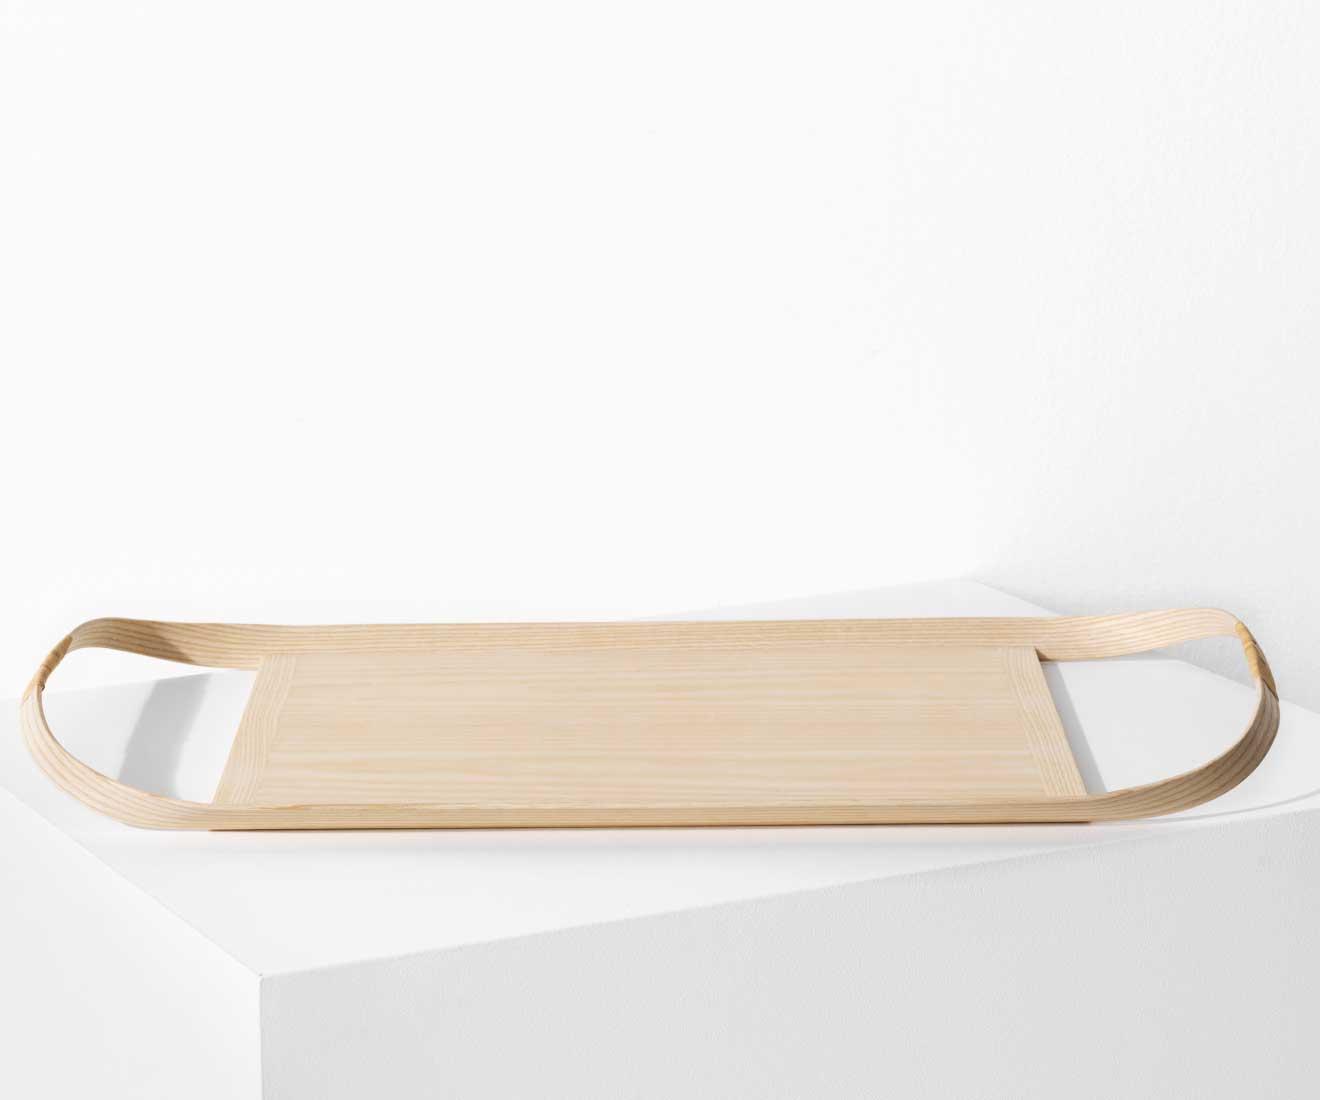 Motarasu Products - Union tray by Masuko Unayama - large